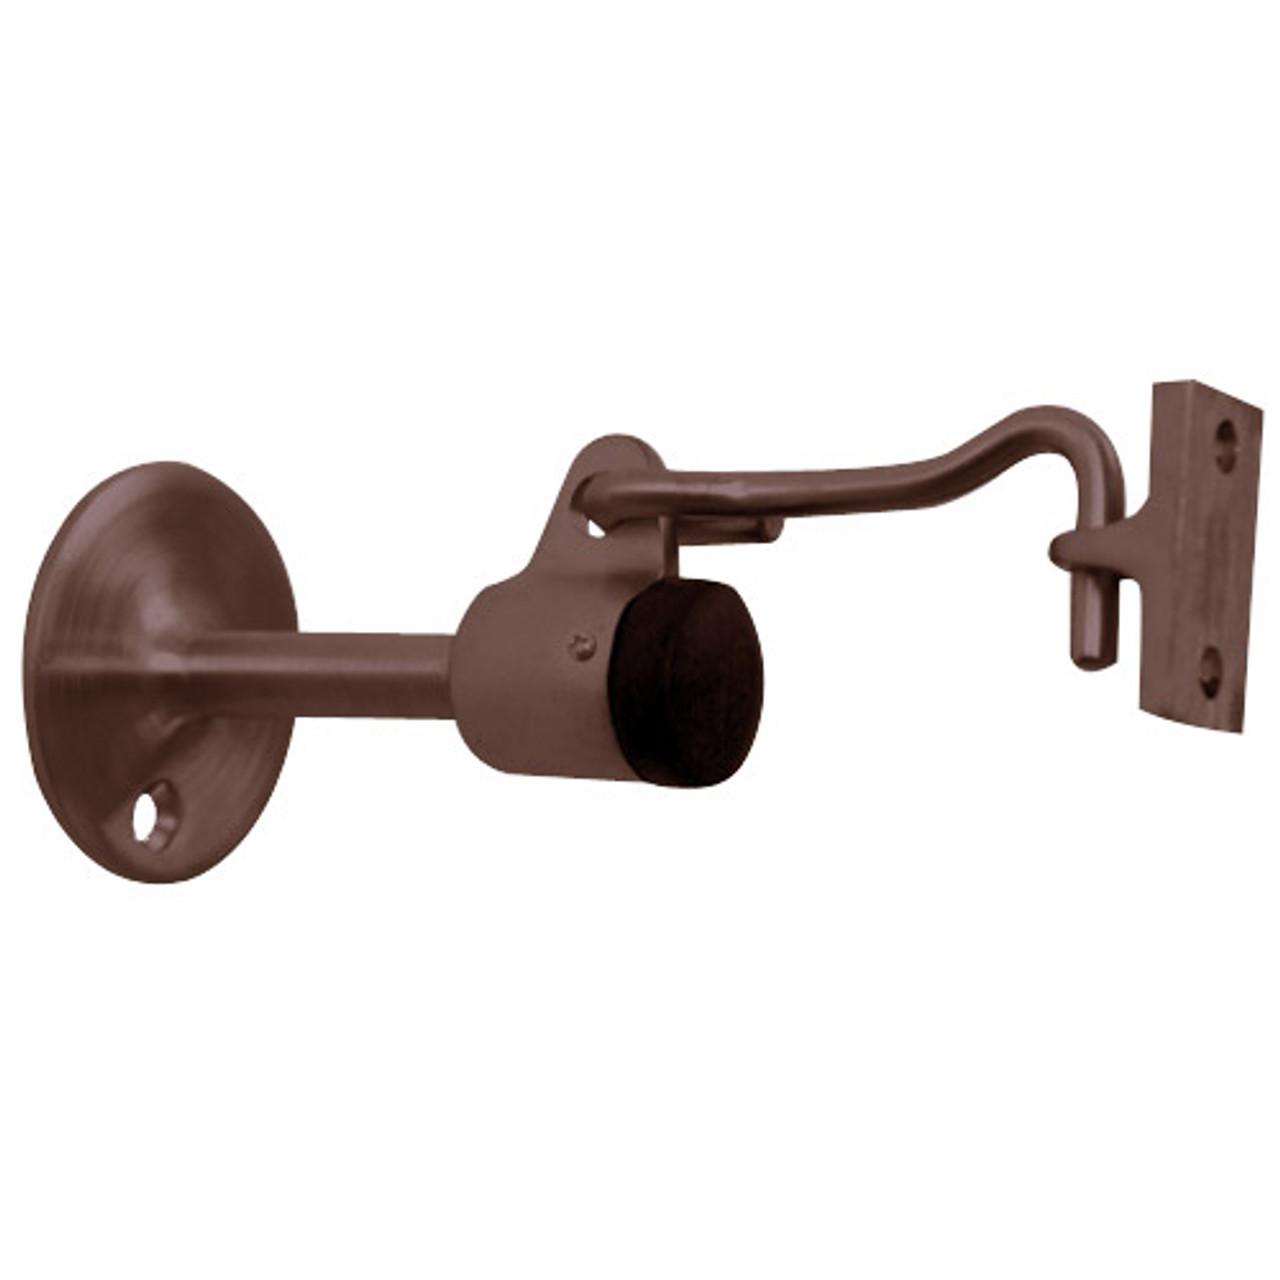 1477-613 Don Jo Door Stop in Oil Rubbed Bronze  Finish